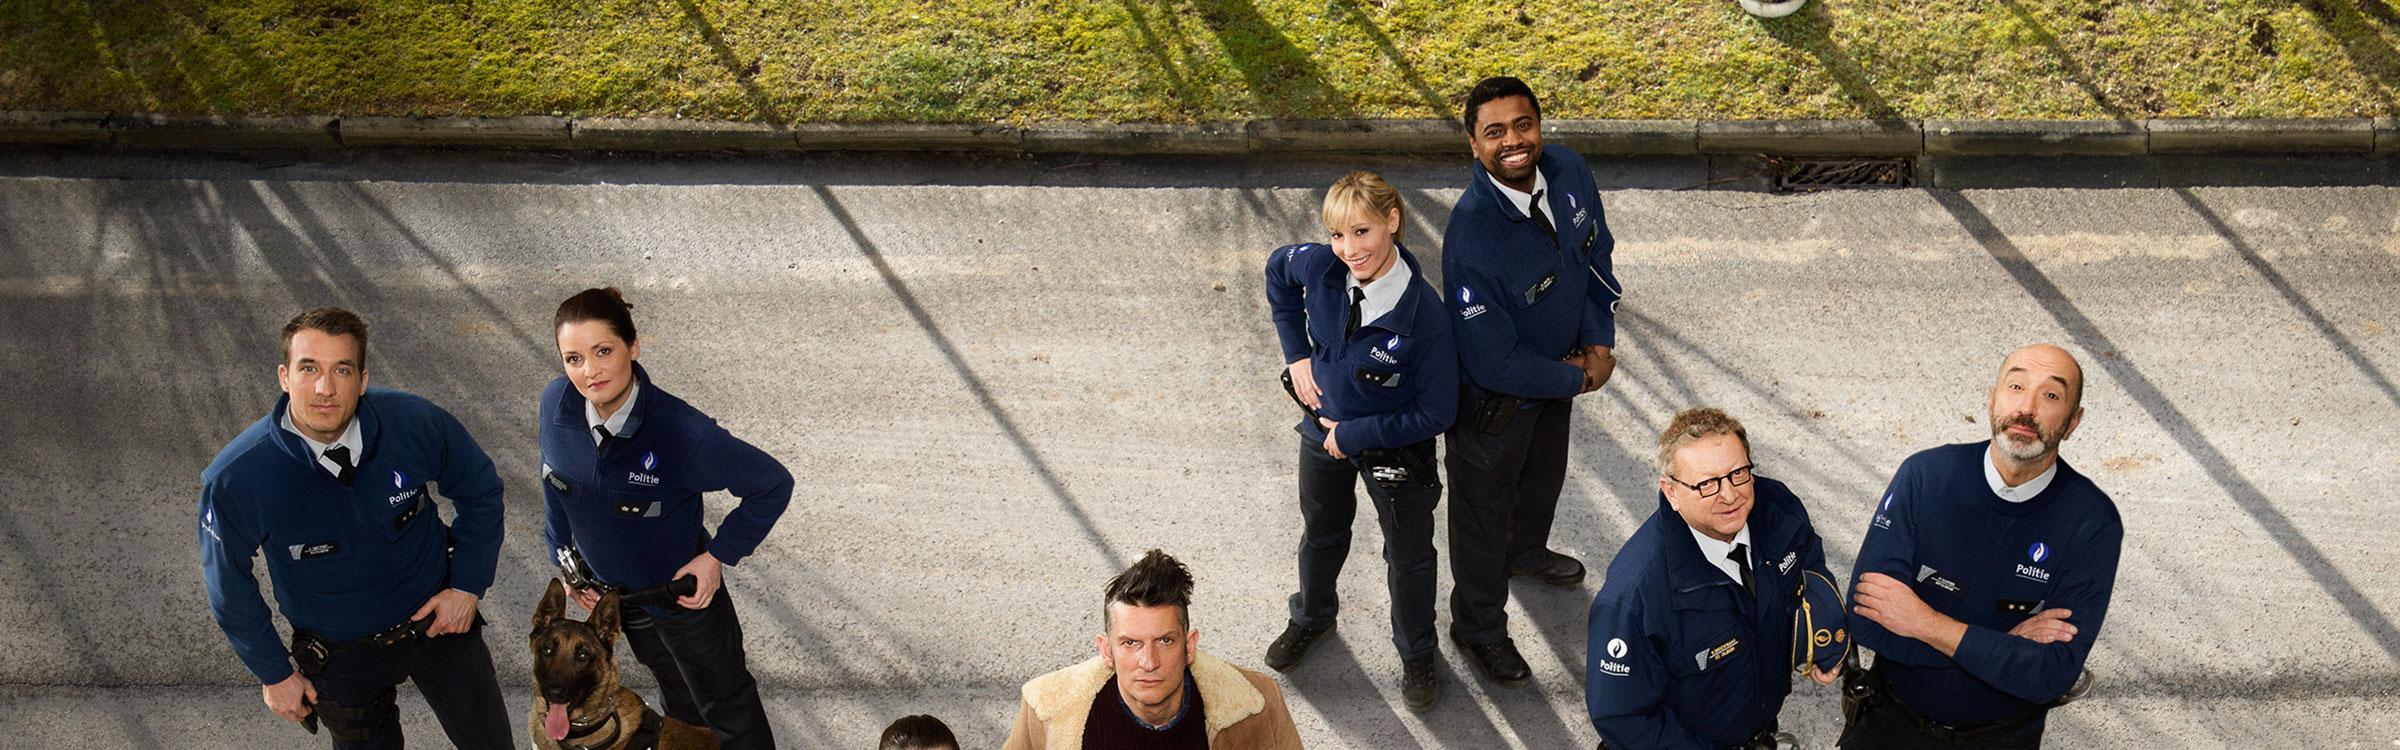 Debuurtpolitie s3 groepfoto 01